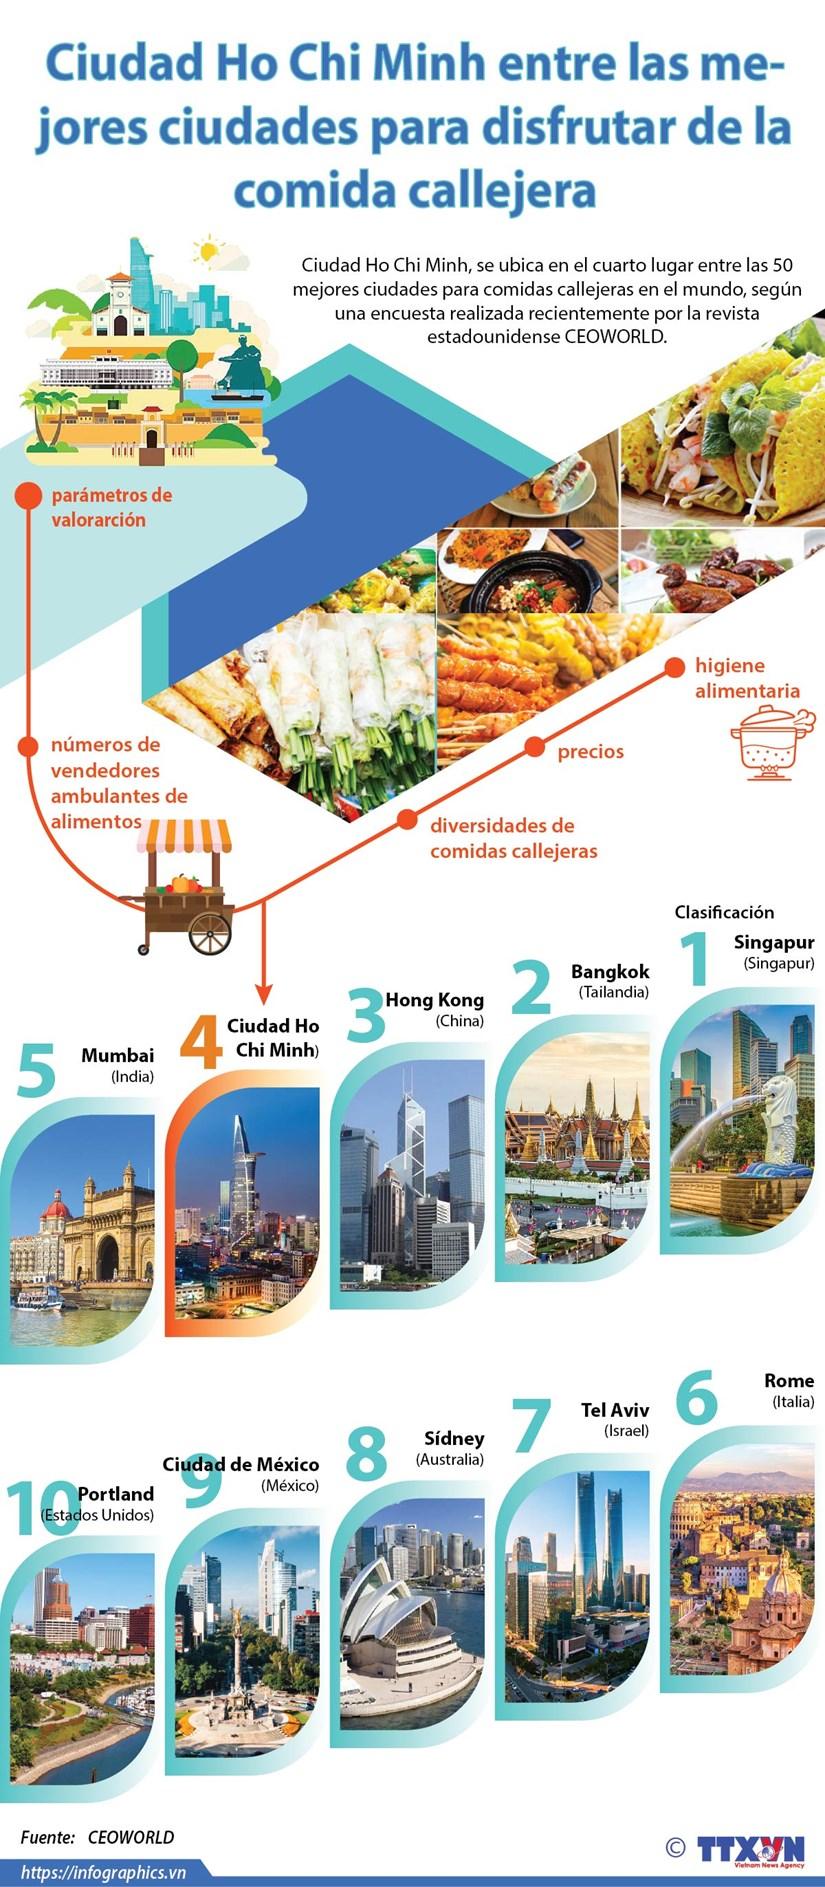 [Info] Ciudad Ho Chi Minh entre mejores sitios de comidas callejeras en el mundo hinh anh 1